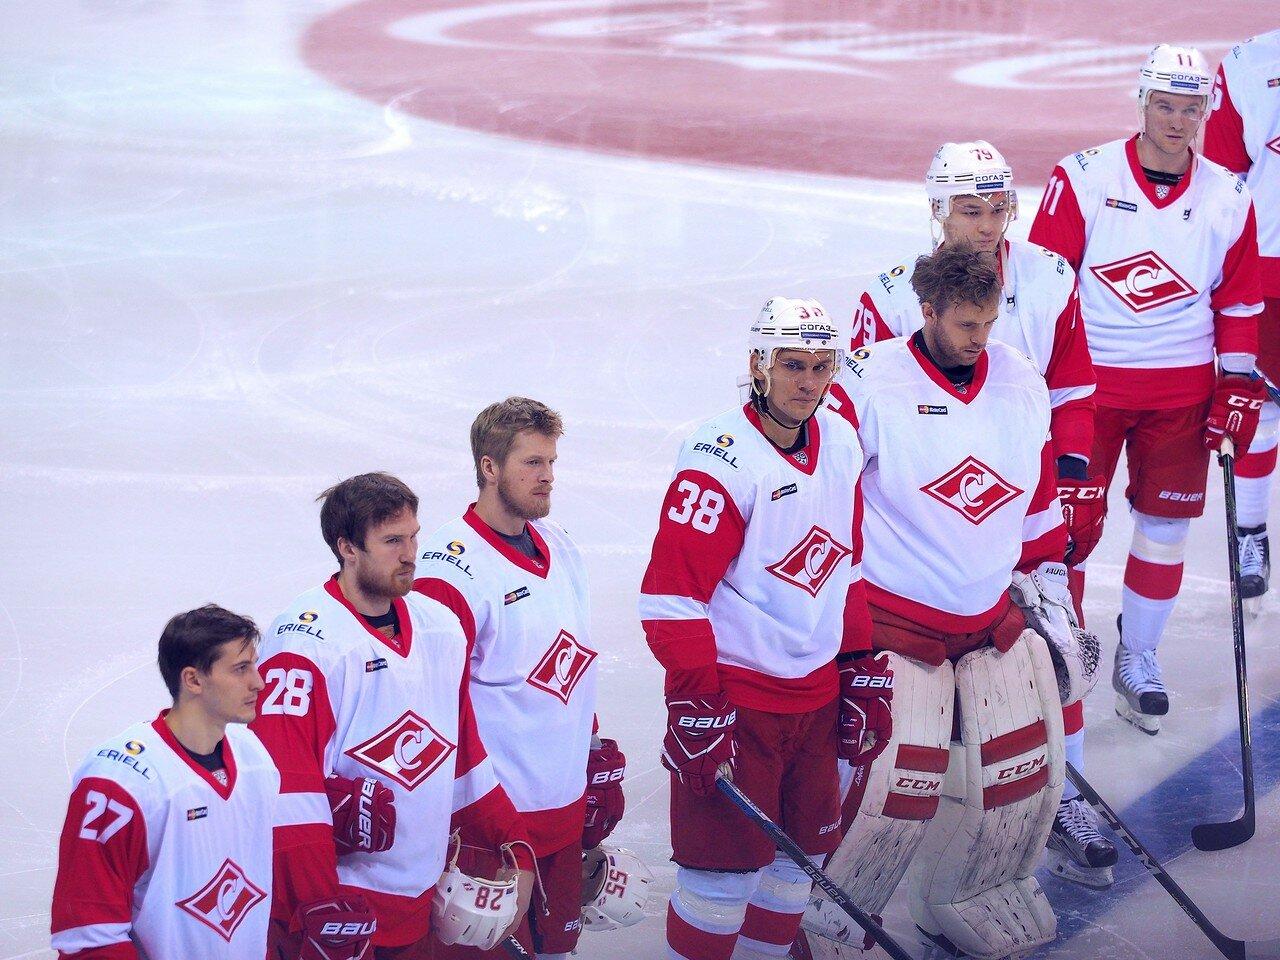 58Металлург - Спартак 13.01.2017